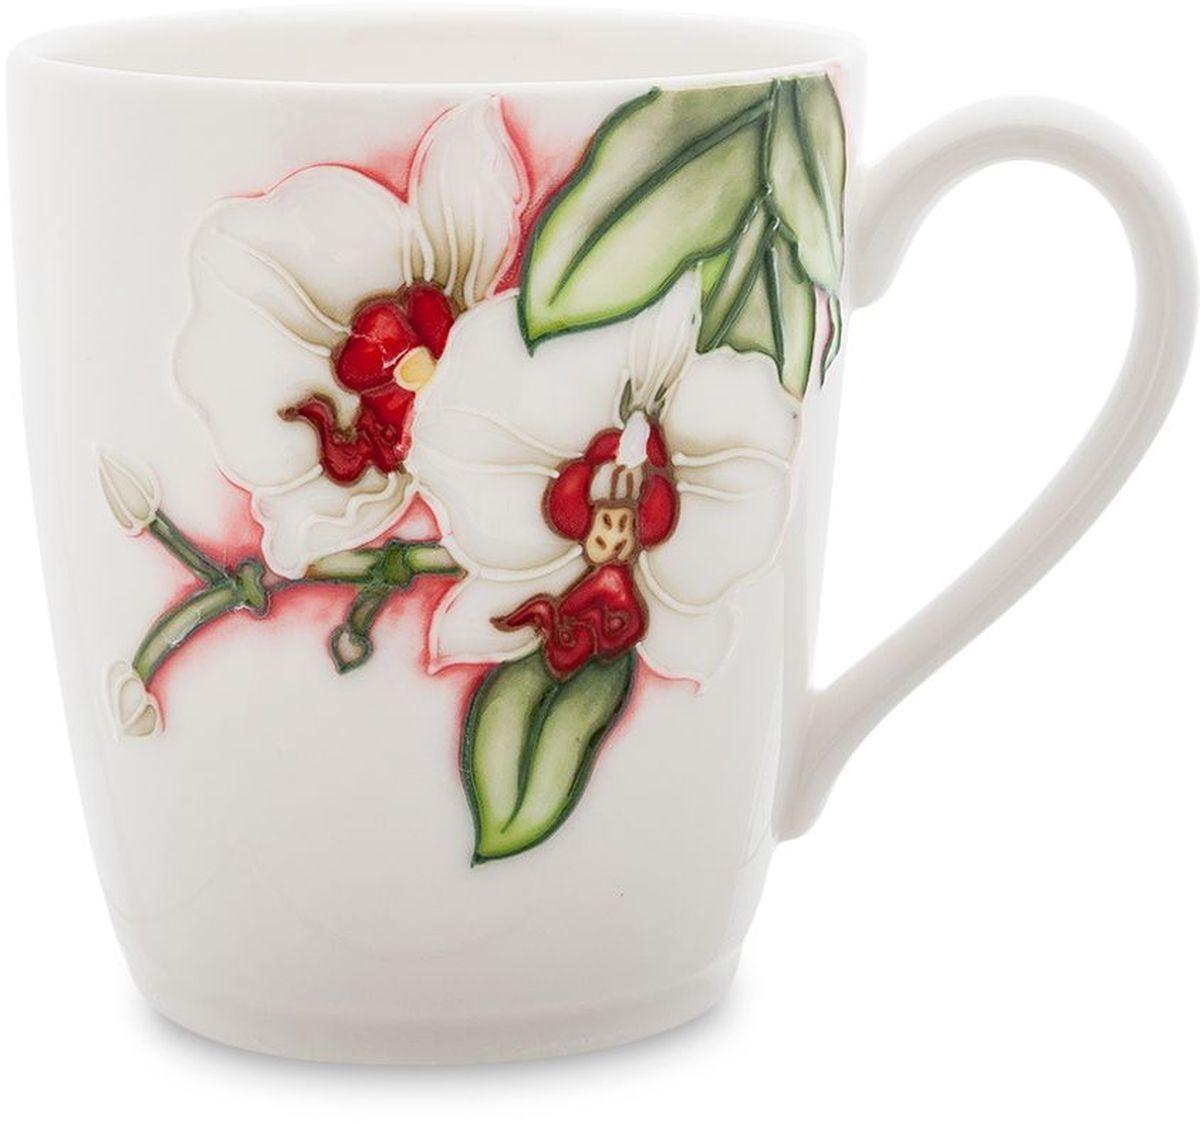 Кружка Pavone Королевская орхидея, 300 мл391602Кружка Pavone Королевская орхидея выполнена из высококачественного фарфора с глазурованным покрытием и оформлена оригинальным рисунком. Посуда из фарфора позволяет сохранить истинный вкус напитка, а также помогает ему дольше оставаться теплым. Такая кружка прекрасно оформит стол к чаепитию и станет его неизменным атрибутом. Объем: 300 мл.Высота чашки: 9 см.